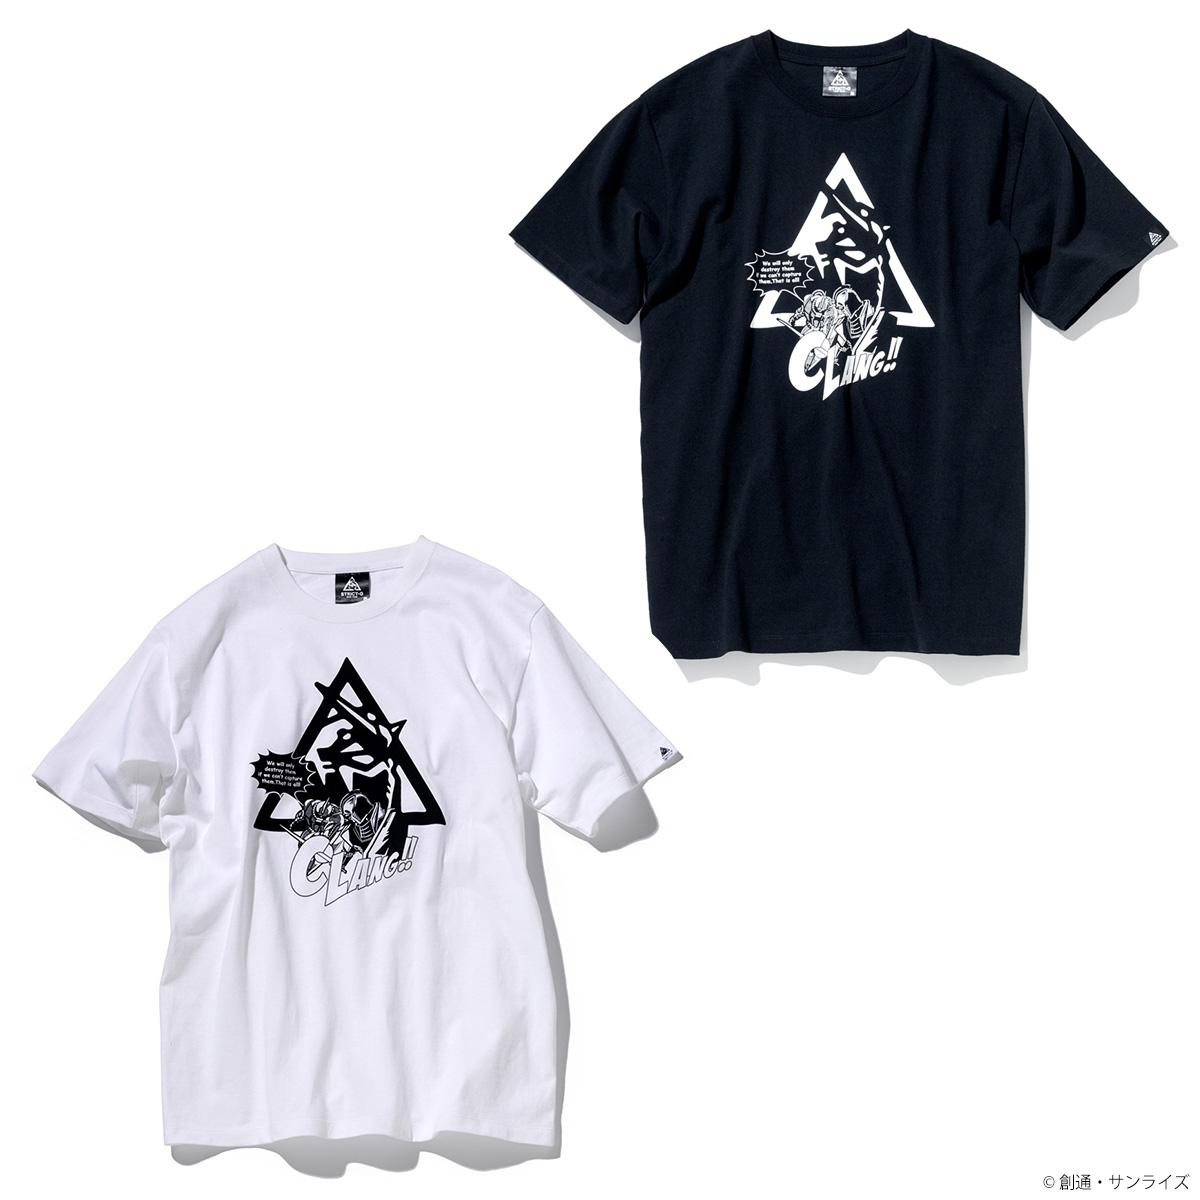 STRICT-G NEW YARK Tシャツ  トライアングルロゴコミック柄